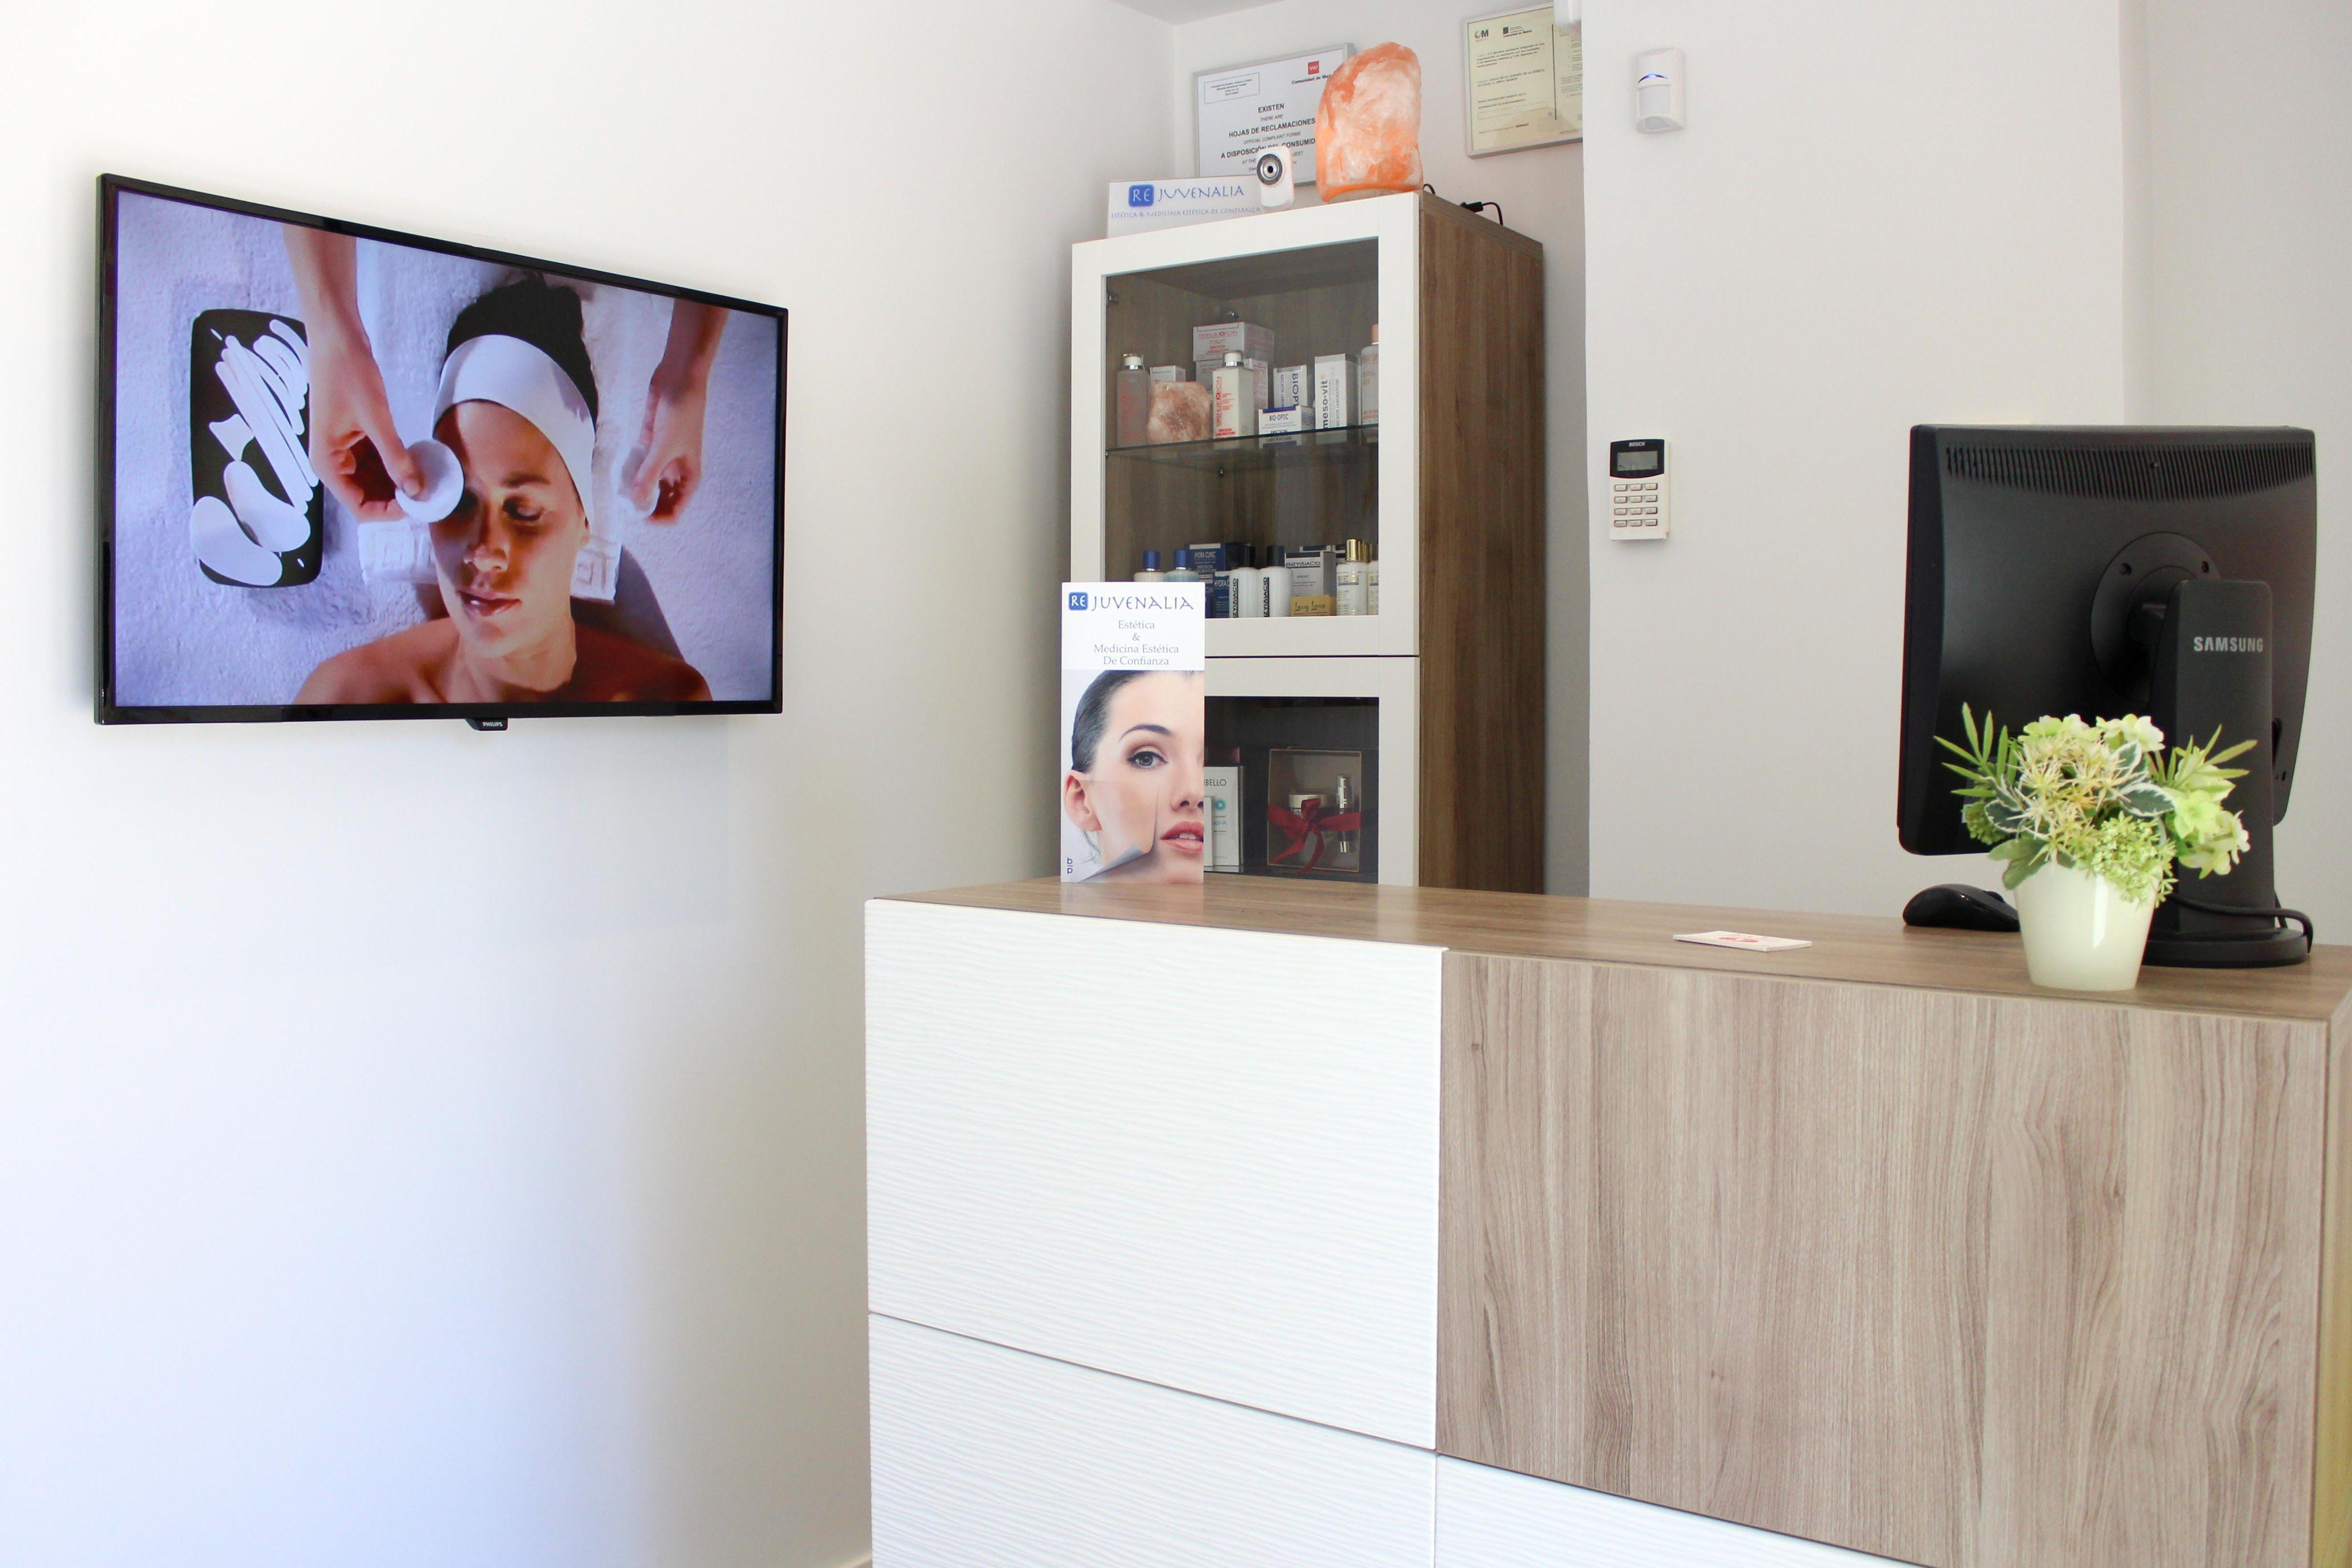 Foto 4 de Centros de estética en Madrid | Centro de belleza y medicina estética Lucy Lara